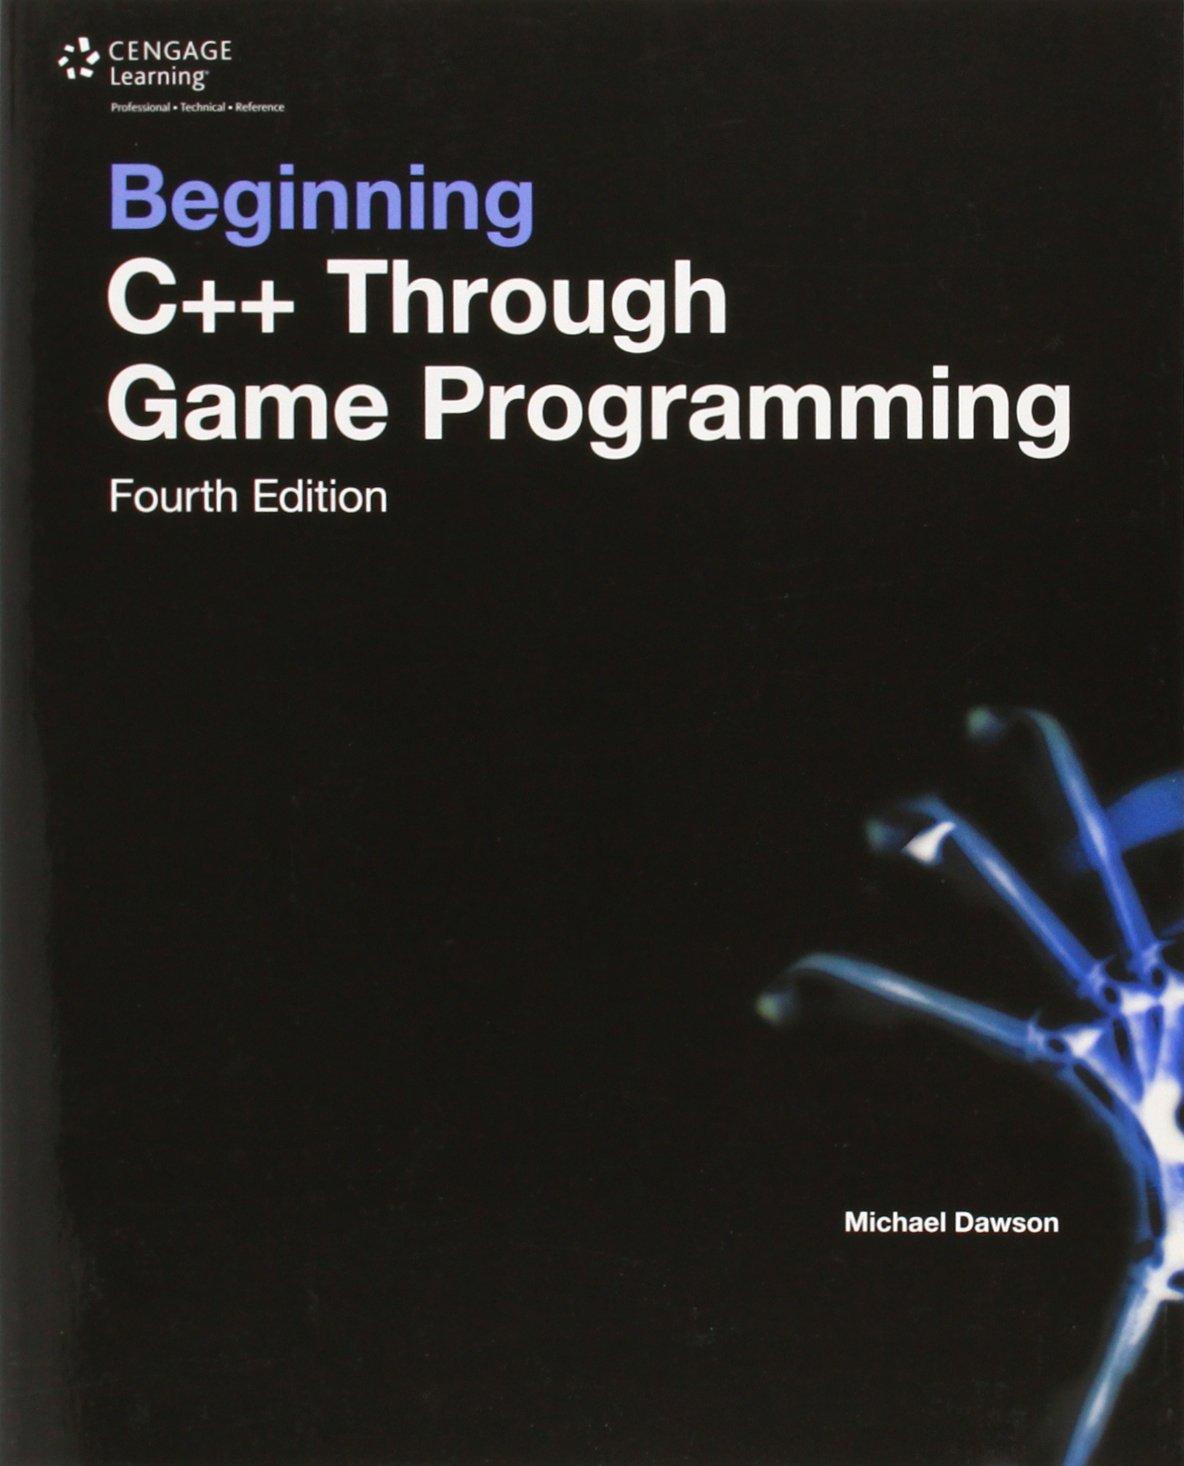 Beginning C++ Through Game Programming ISBN-13 9781305109919